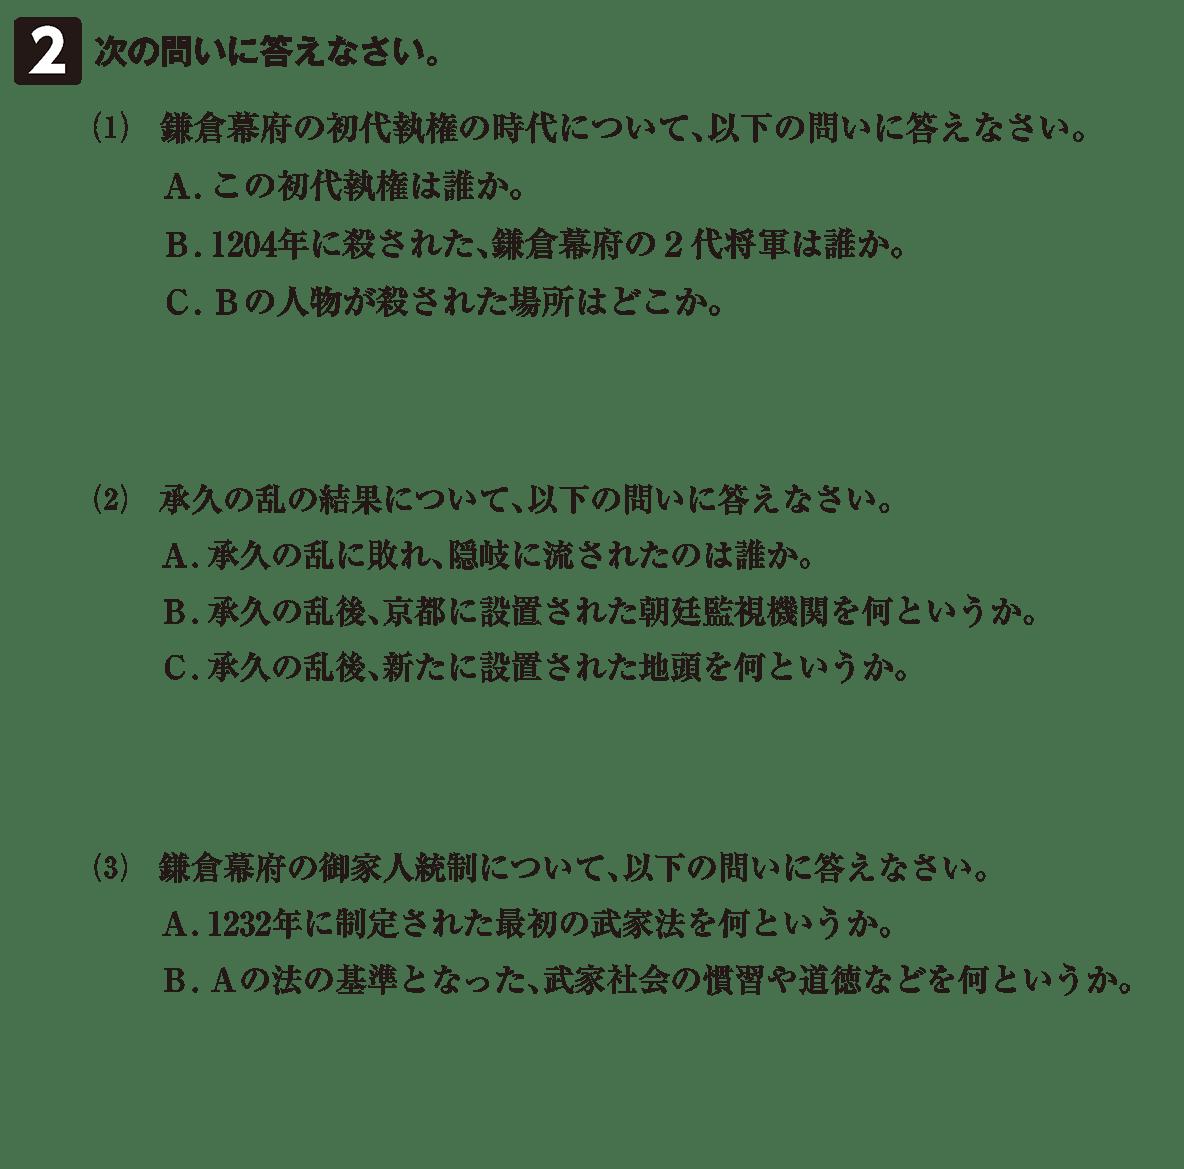 中世15 問題2 問題